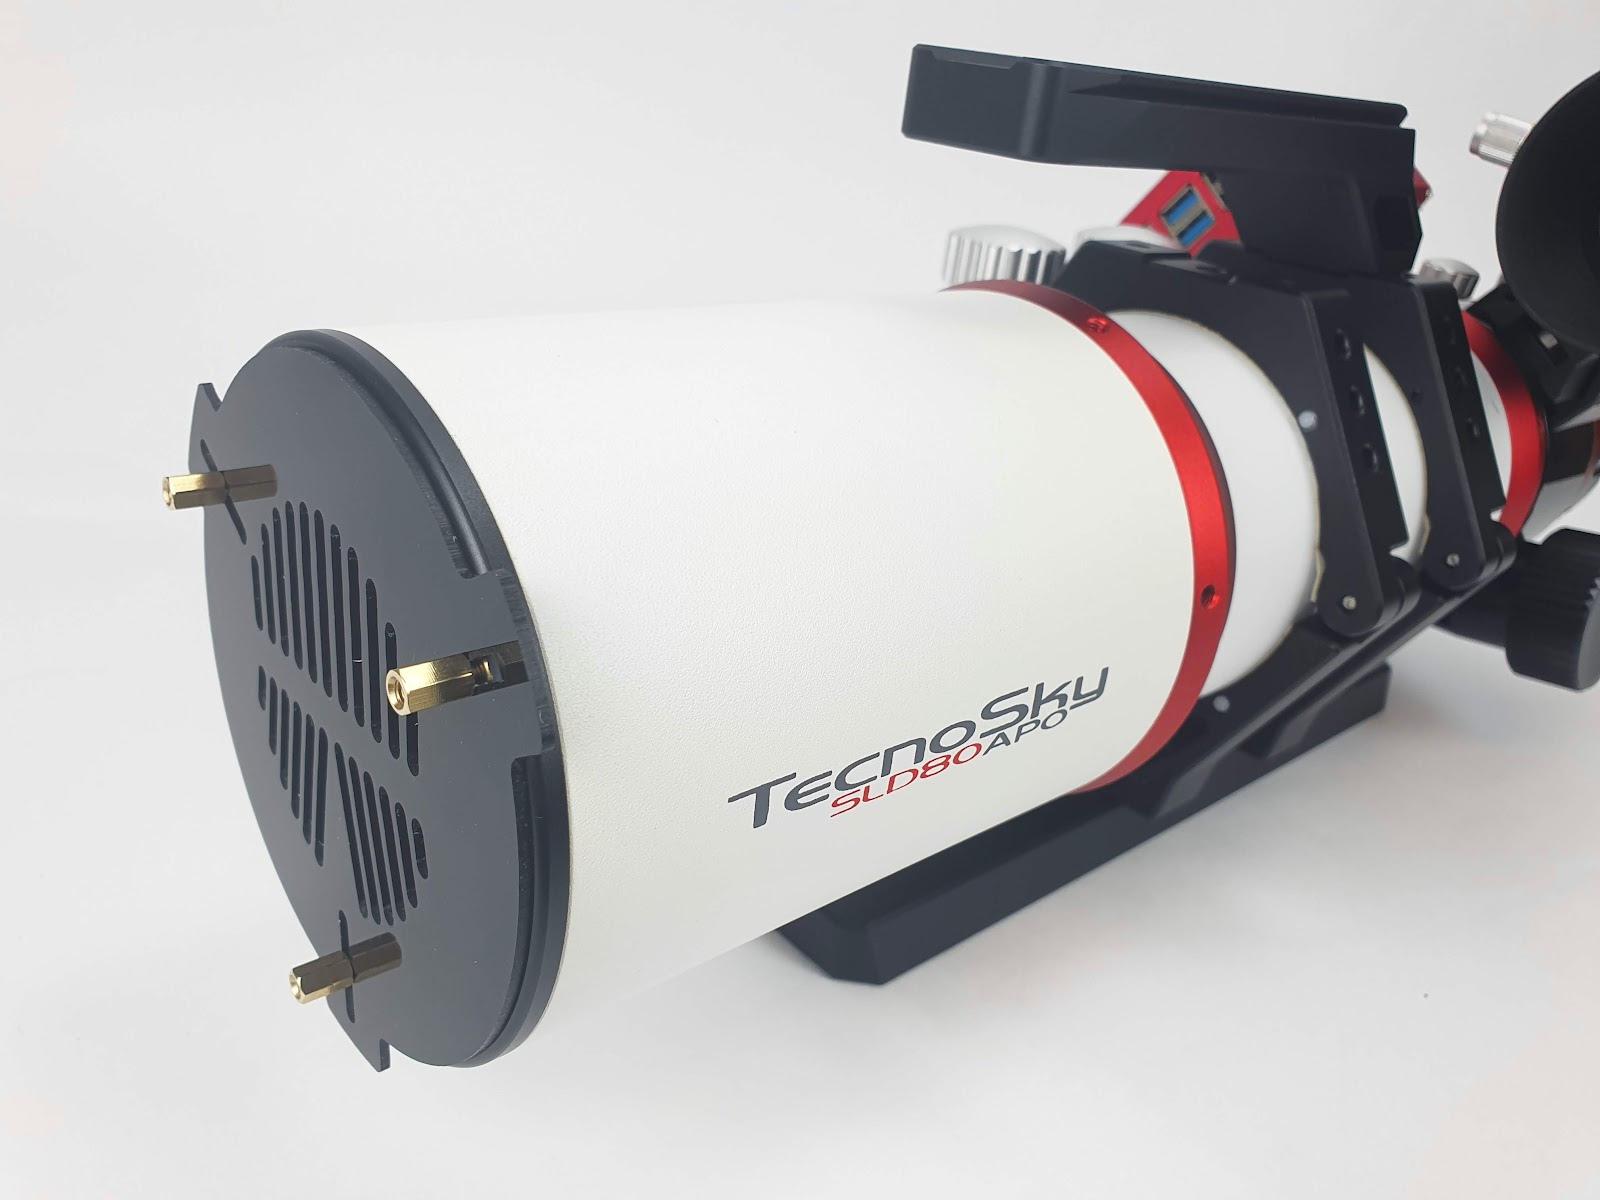 Tripletto Apo Tecnosky 80/480mm OWL con dotazione astrofotografica completa - SCONTIAMO L'IVA !!